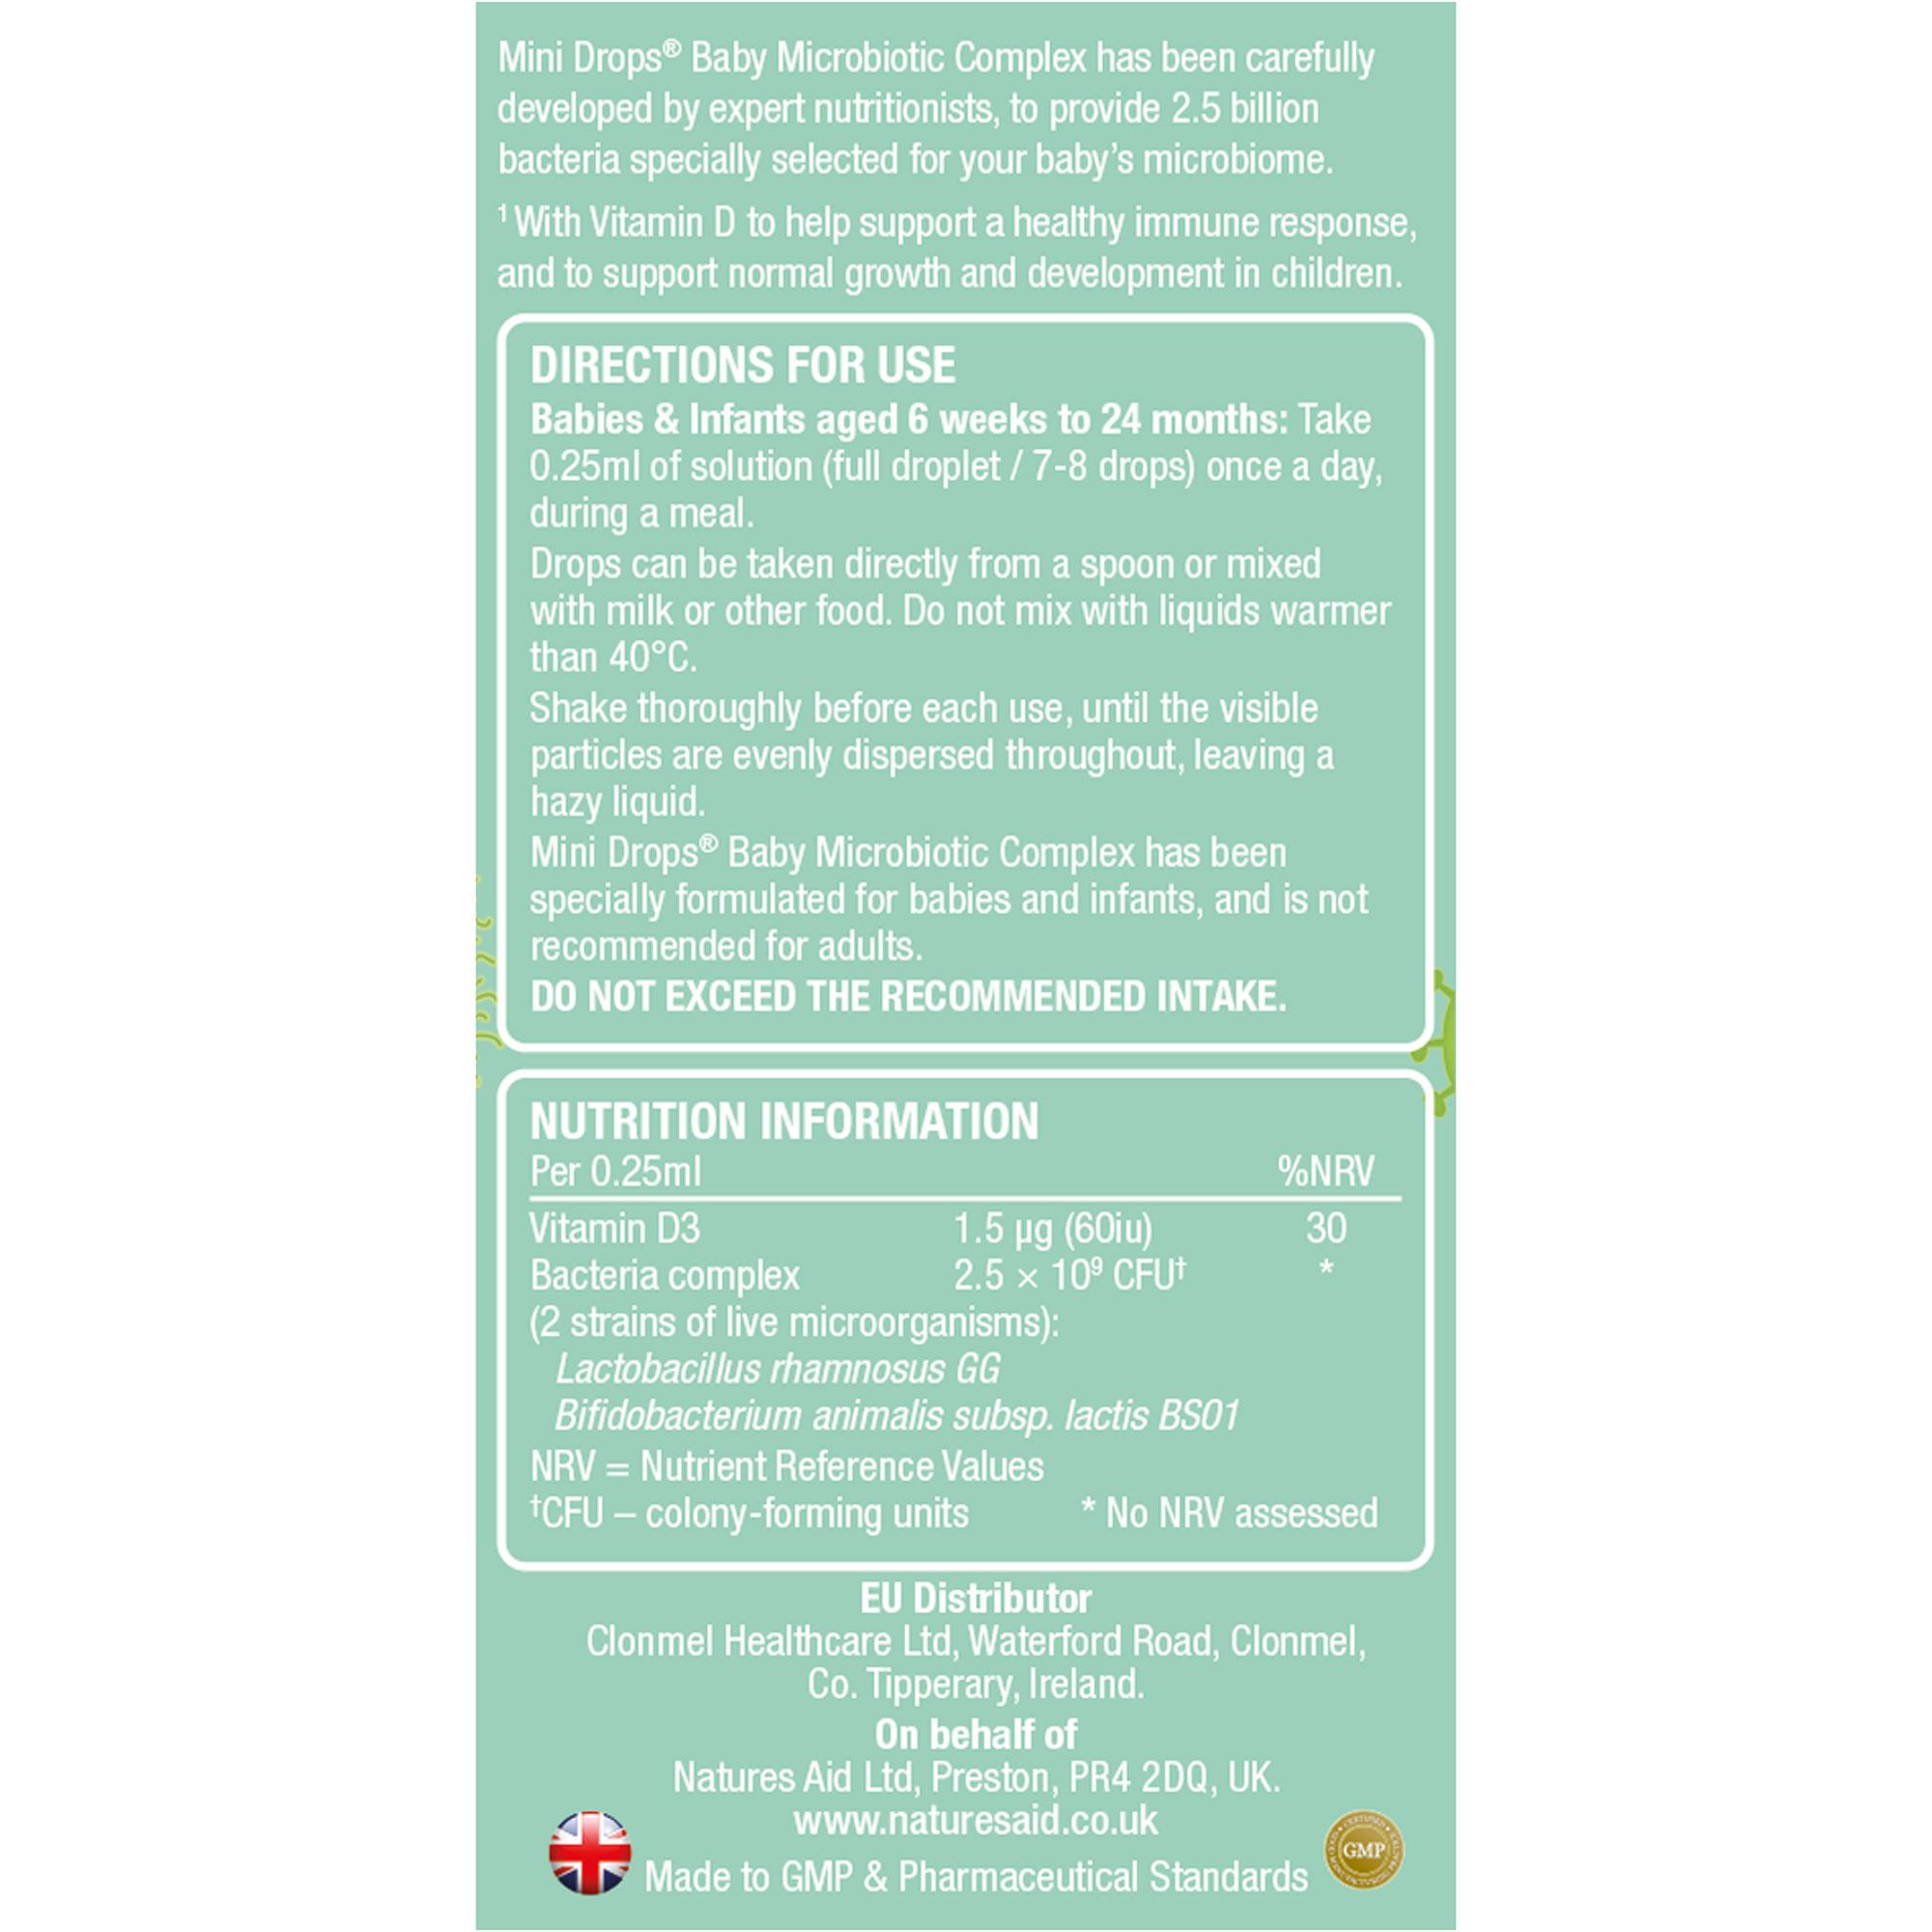 Mini Drops Baby Microbiotic Complex + Vitamin D3 10ml